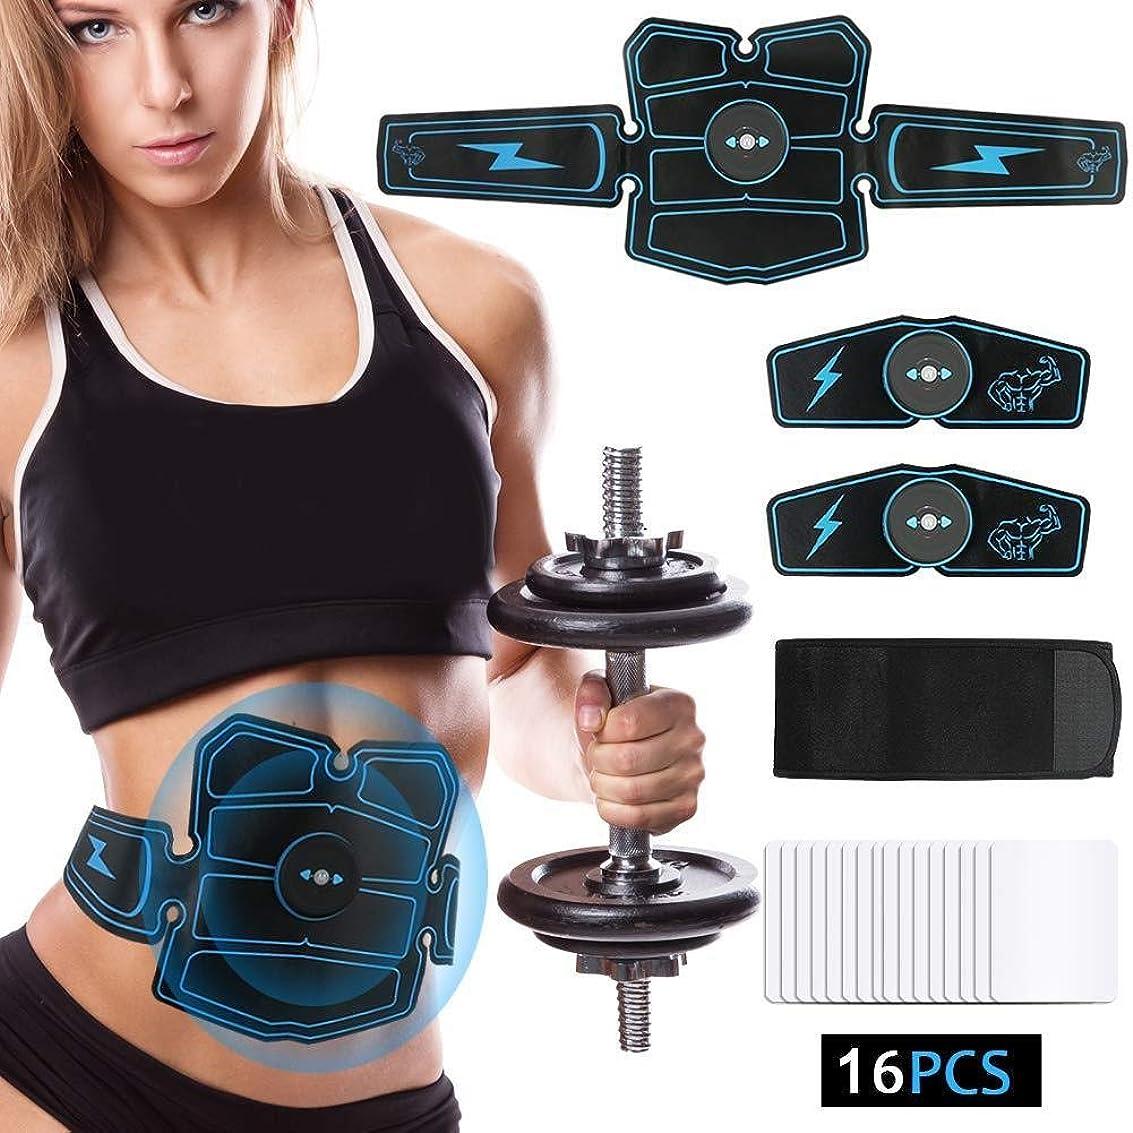 植木暖かさ格差腹部の筋肉マッサージ、スマートフィットネス機器、エクササイズトレーナー、腰椎運動機器、筋肉ホームパルサー